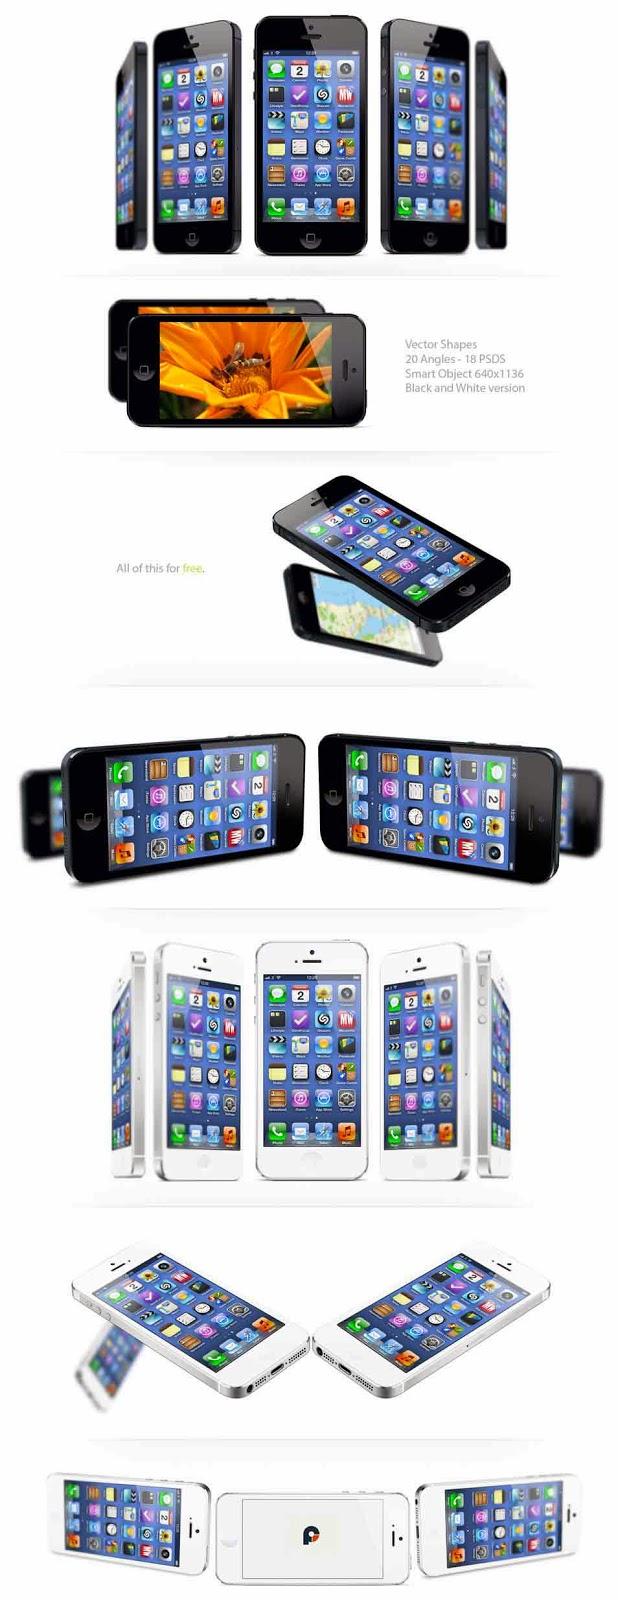 iPhone 5 Mock-ups PSD Template